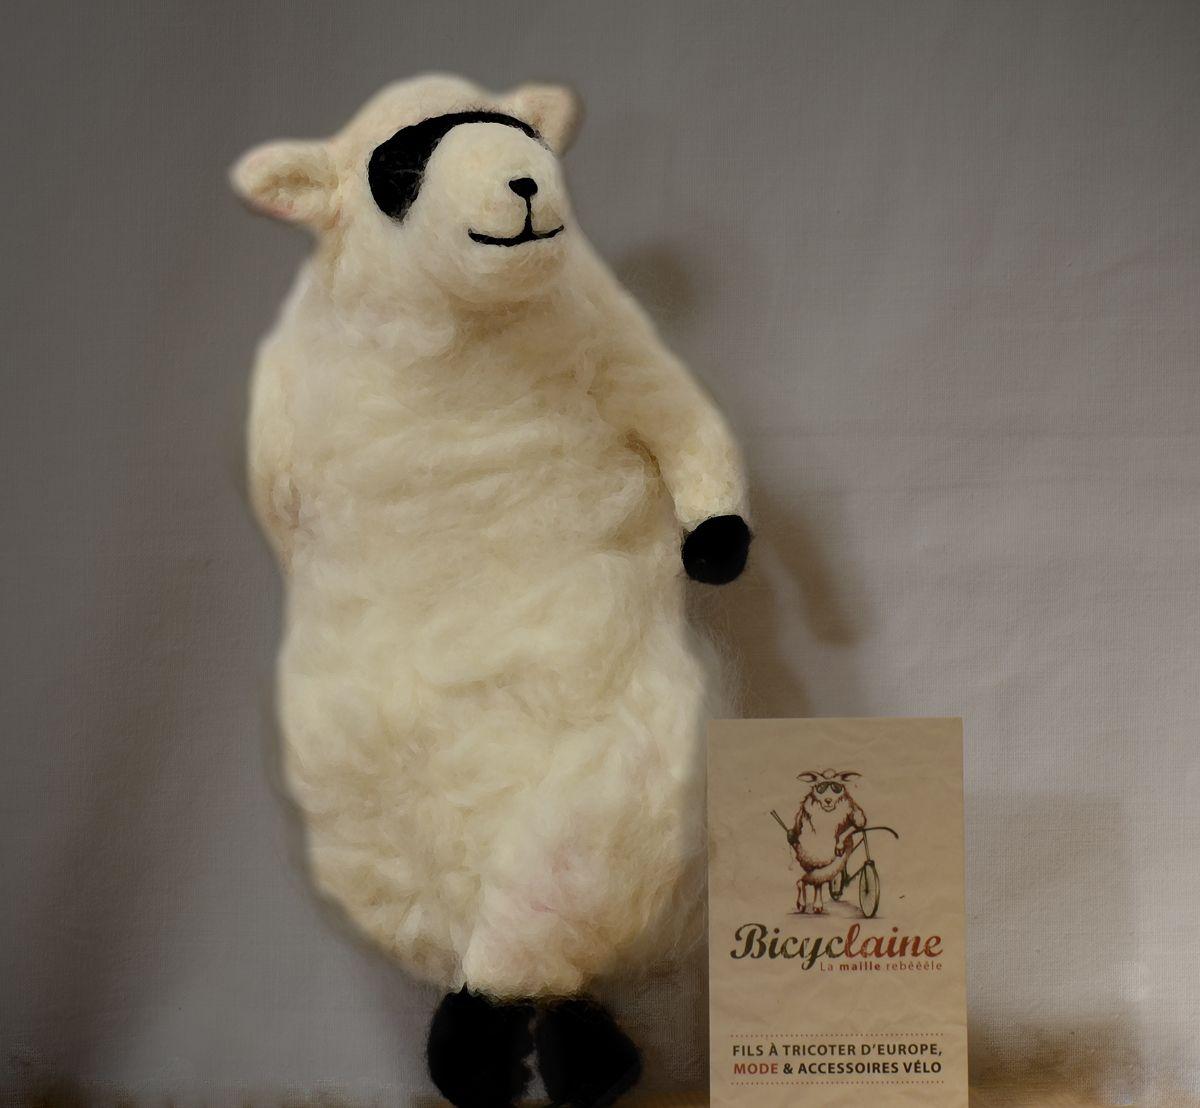 la mascotte Bébêêêle en laine feutrée à l'aiguille